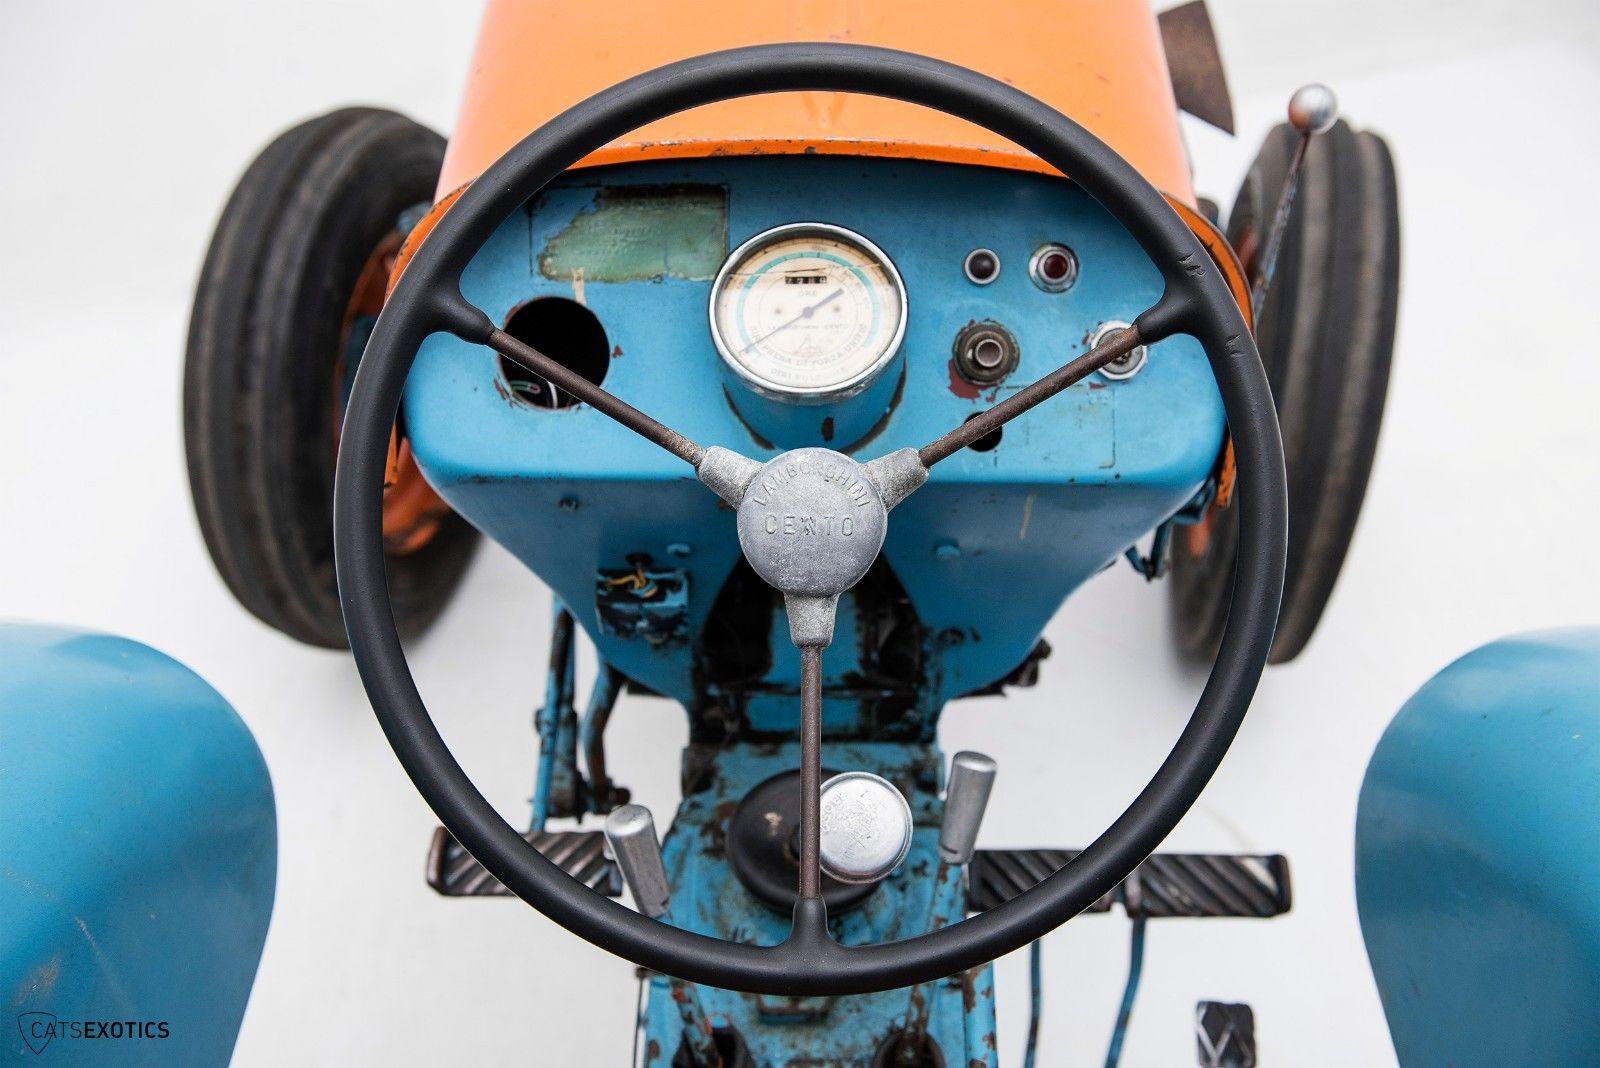 Lamborghini 2R tractor 1964 barnfind for sale (16)